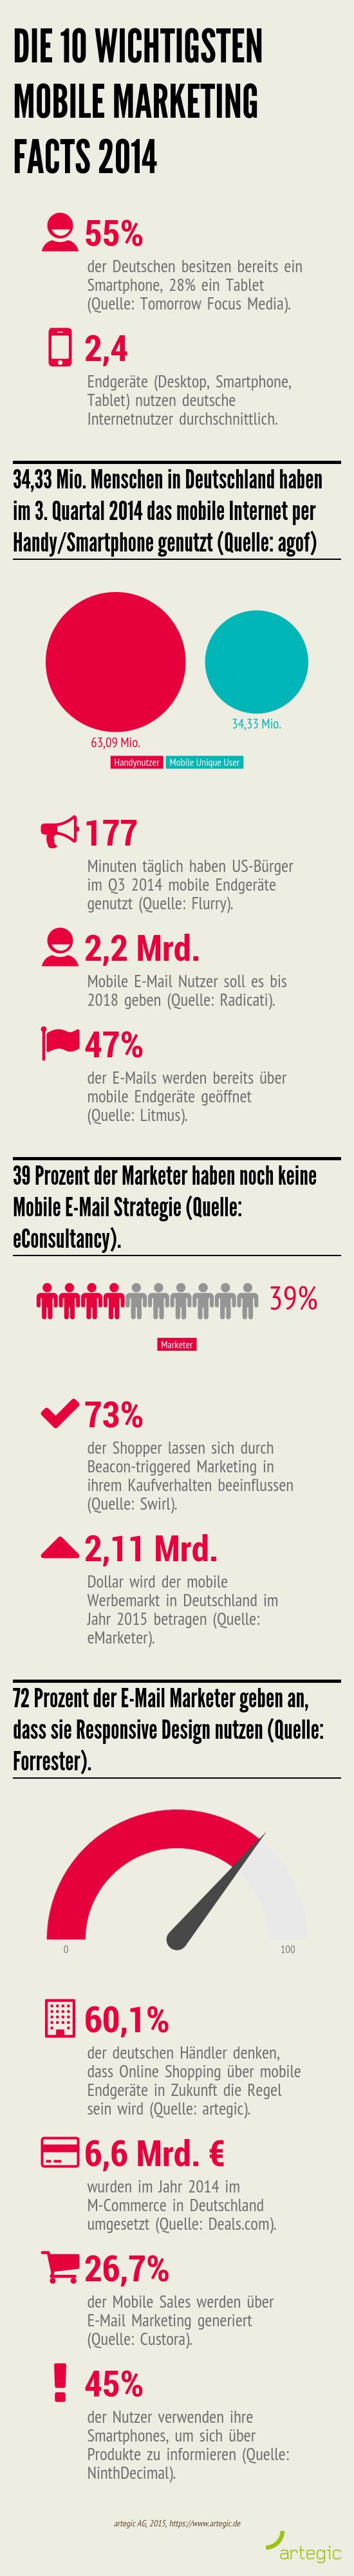 Die_10_wichtigsten_Mobile_Marketing_Facts_2014